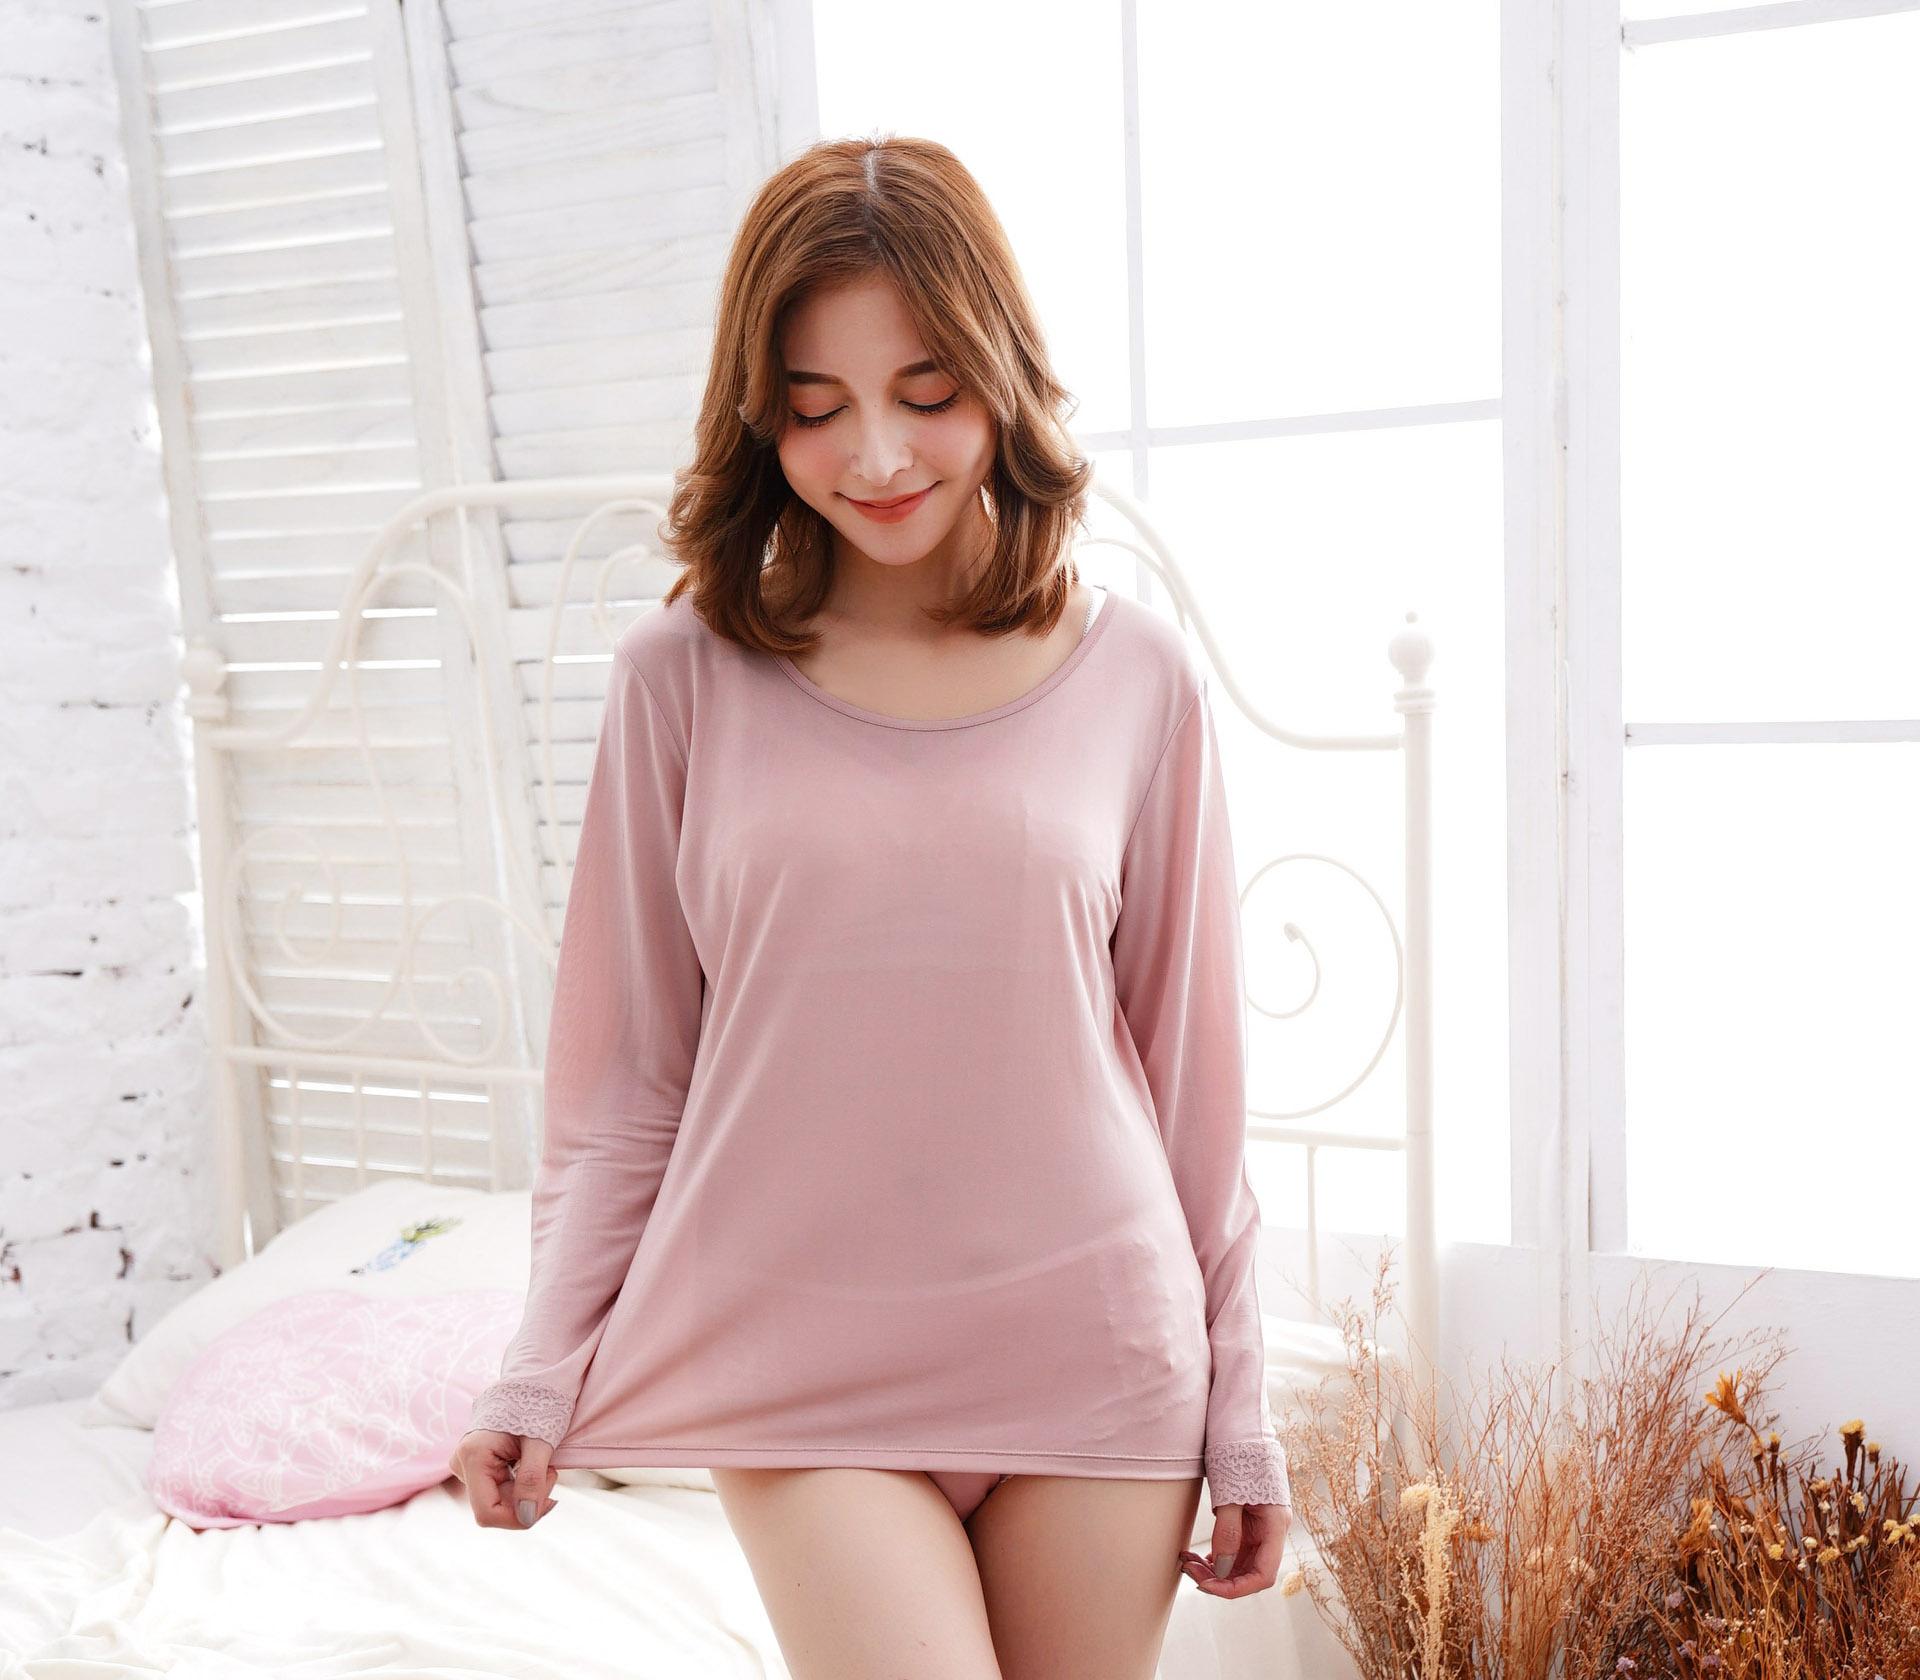 素面長袖32針蠶絲衣-粉色-9920